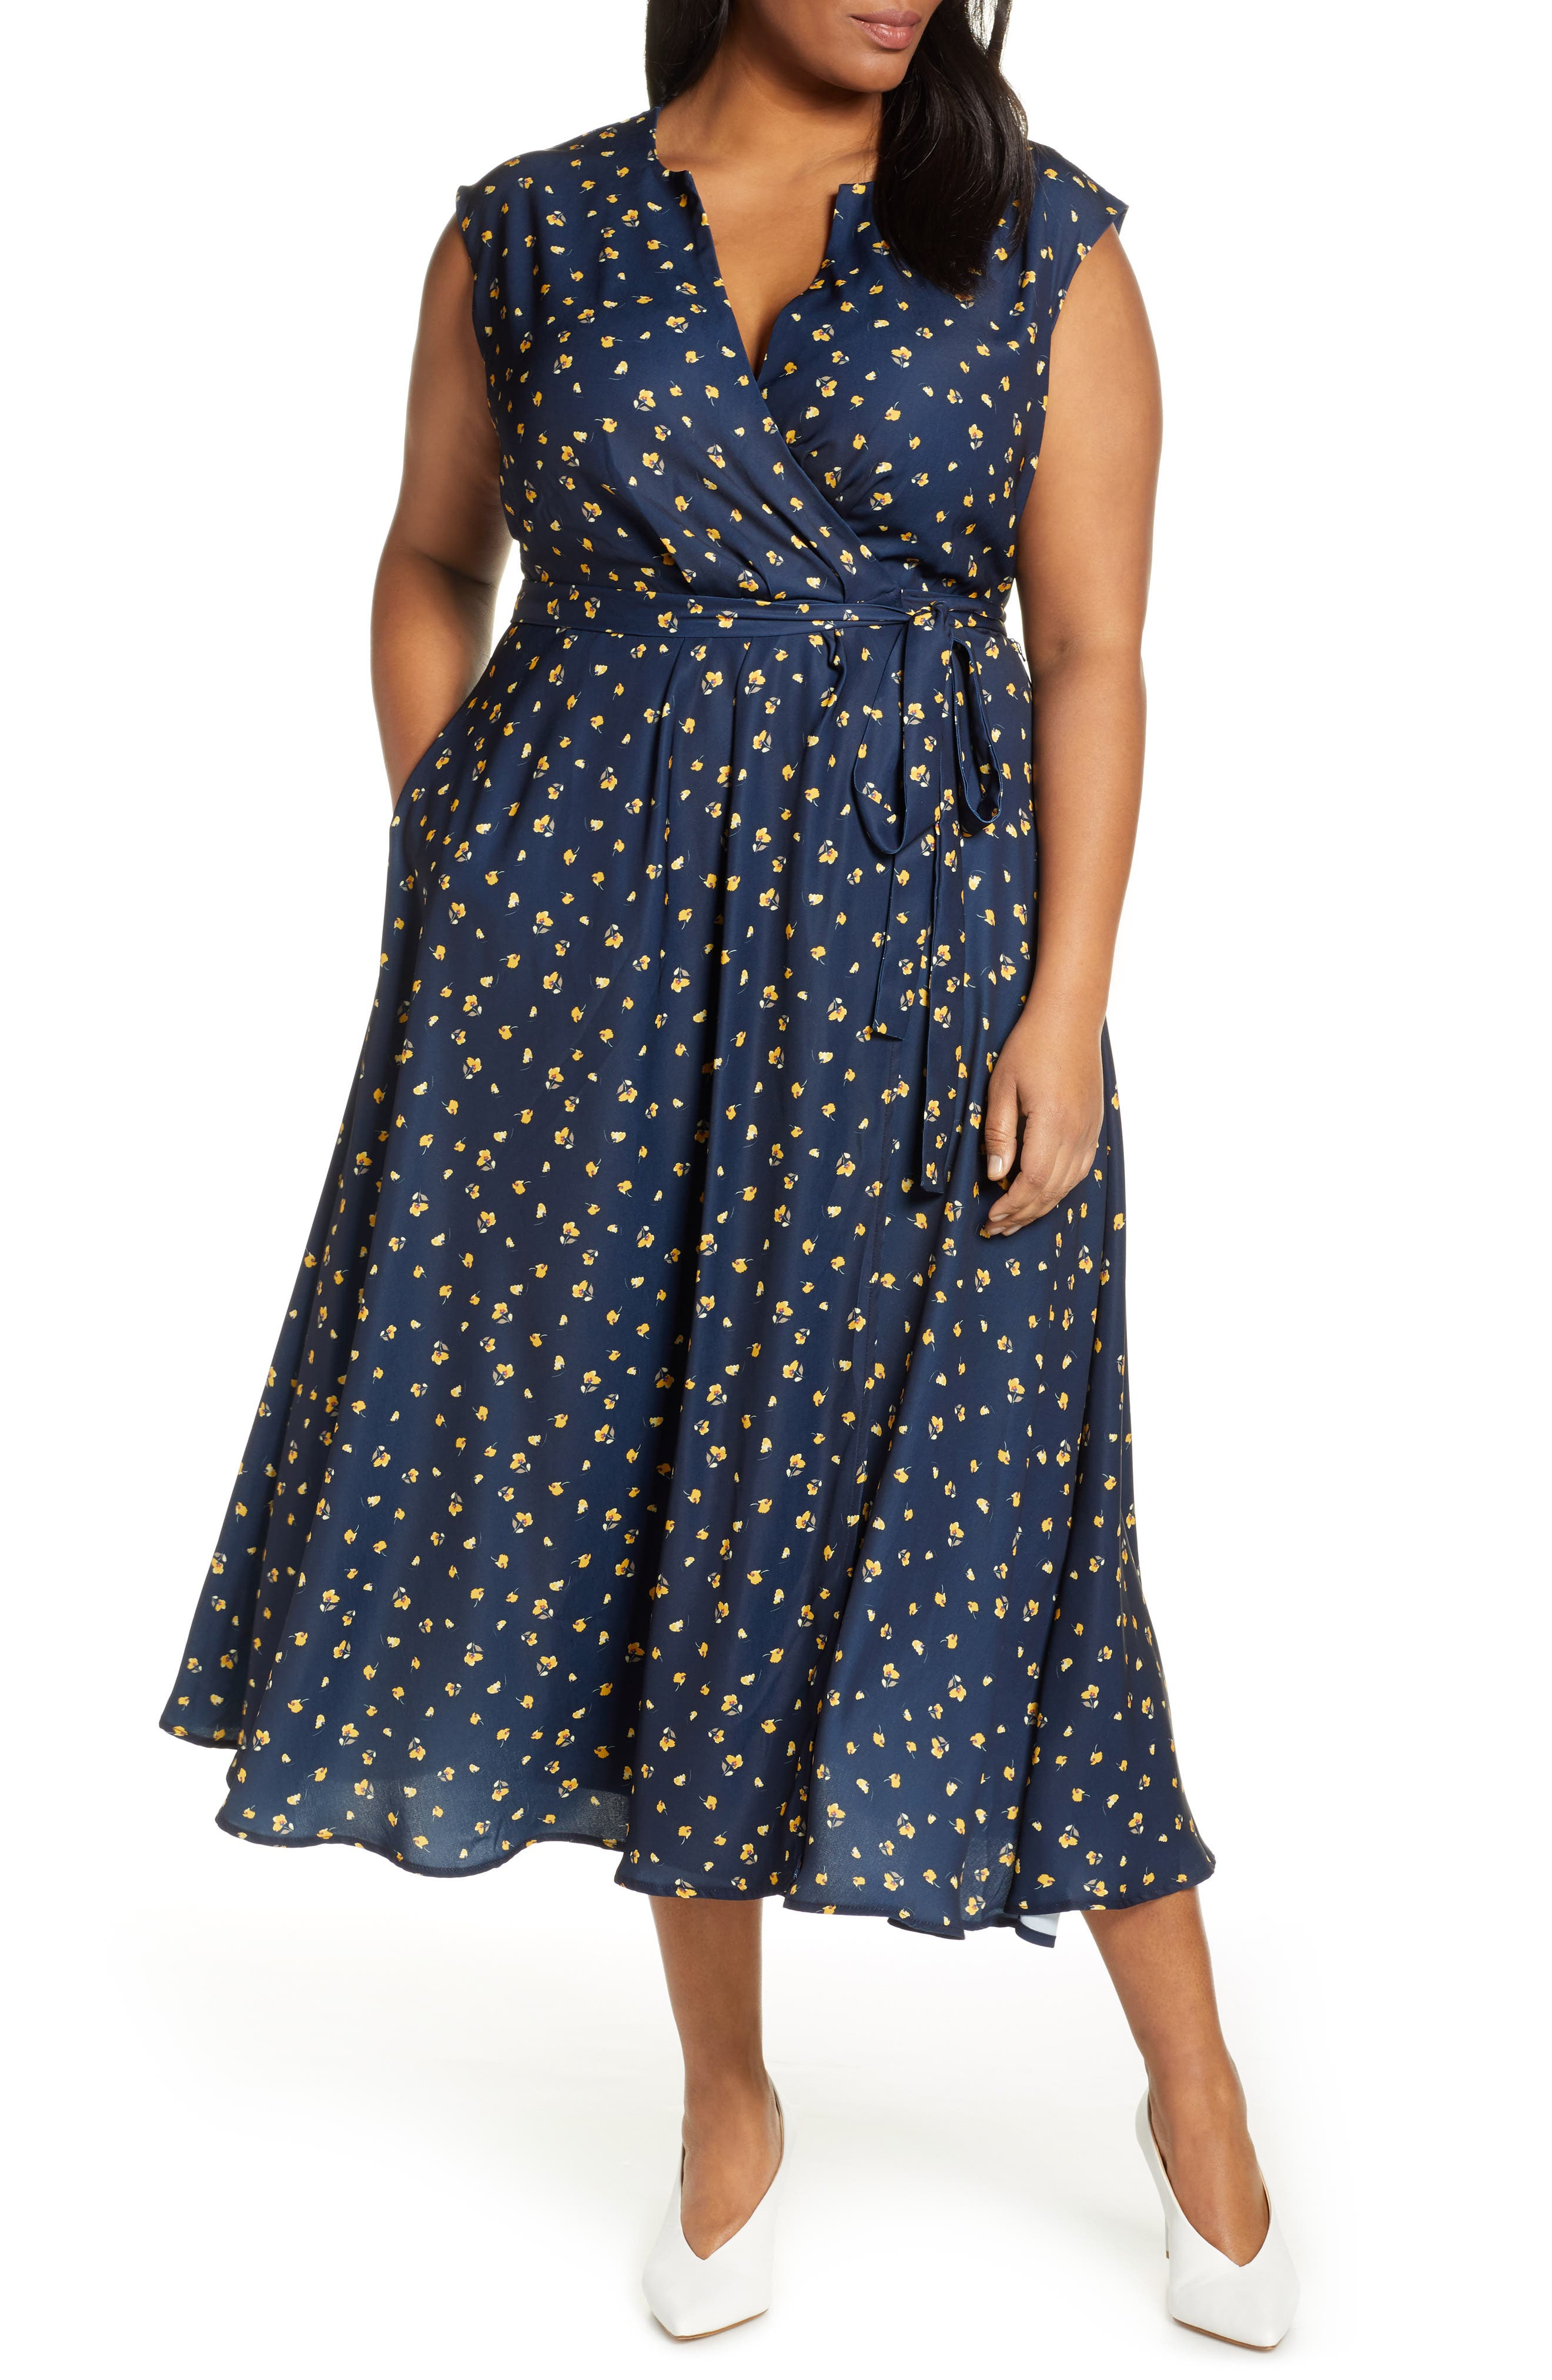 Plus Size Vintage Dresses, Plus Size Retro Dresses Plus Size Womens Jason Wu X Eloquii Surplice Midi Wrap Dress $99.95 AT vintagedancer.com